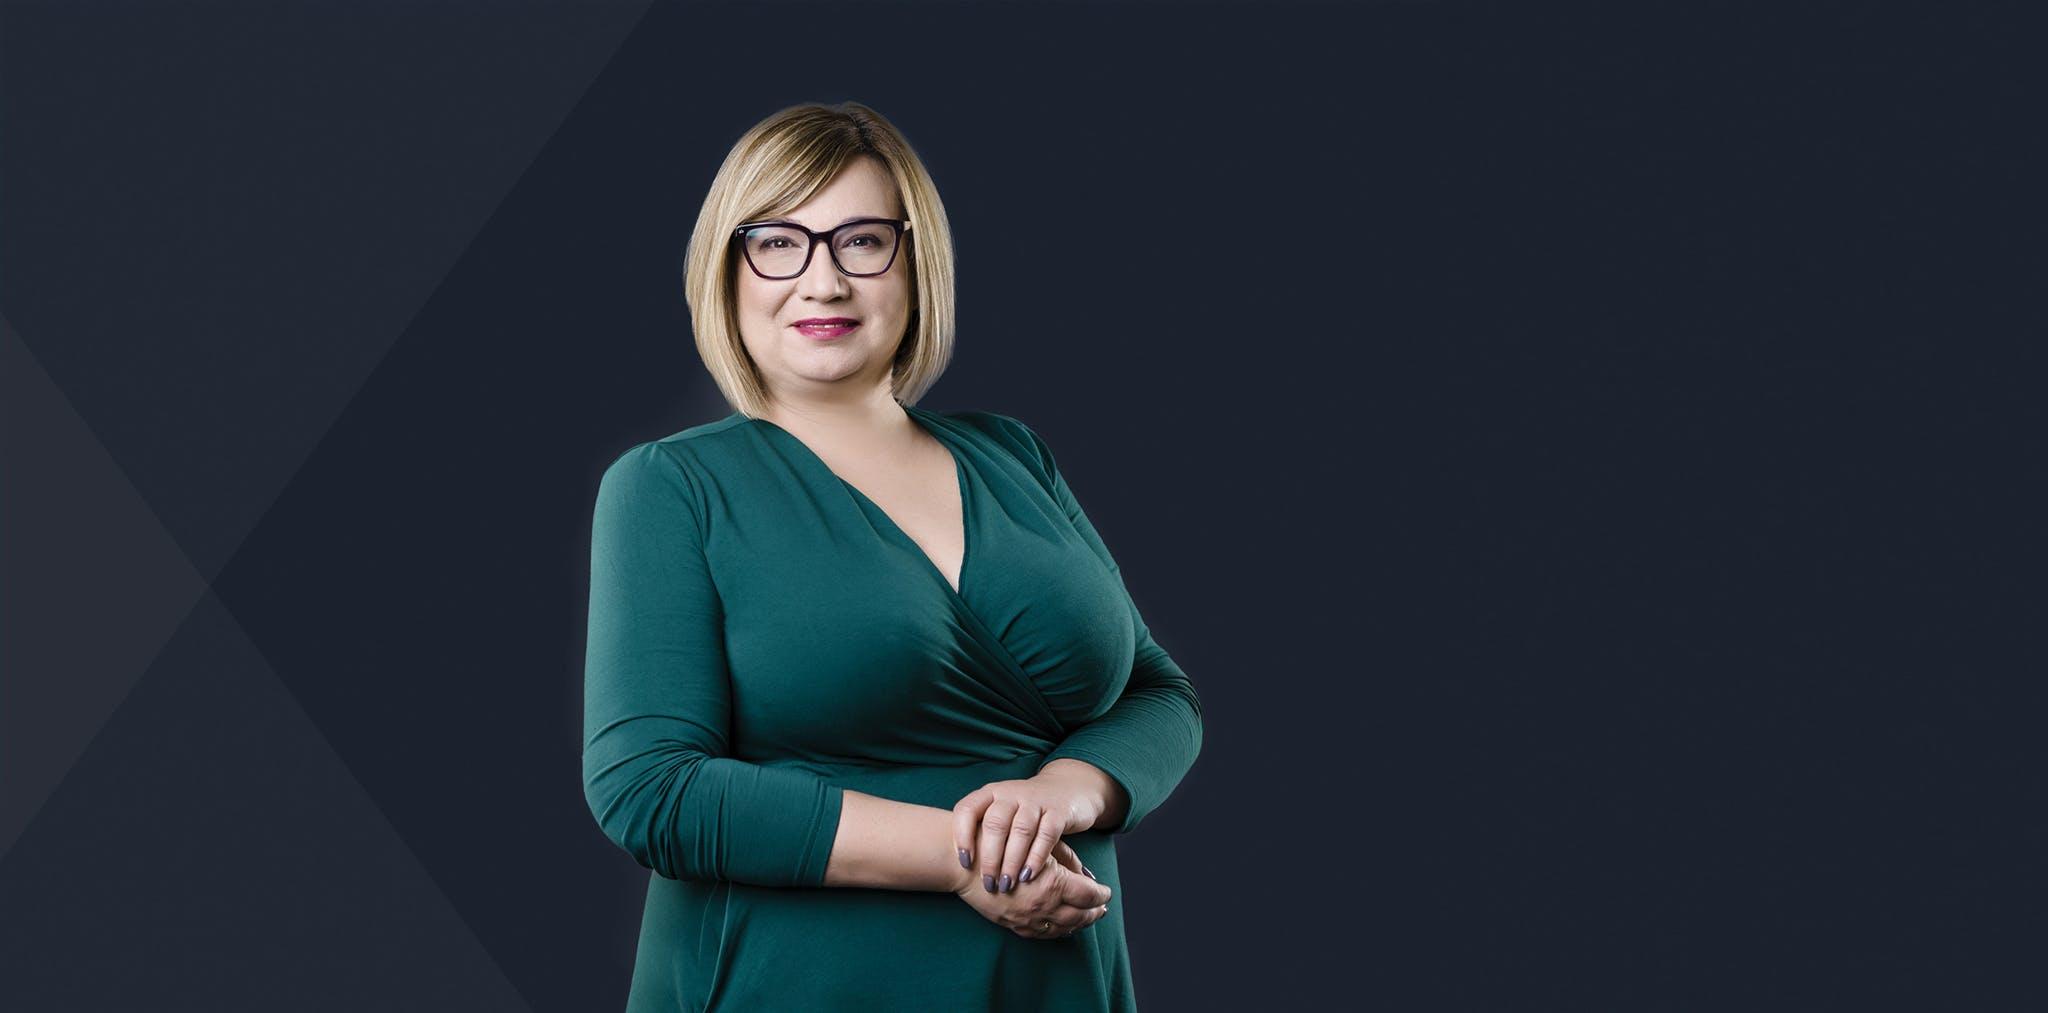 Lider Nieruchomości Otodom 2020, Pośrednik Roku: Katarzyna Czerwiak, grupa.pro